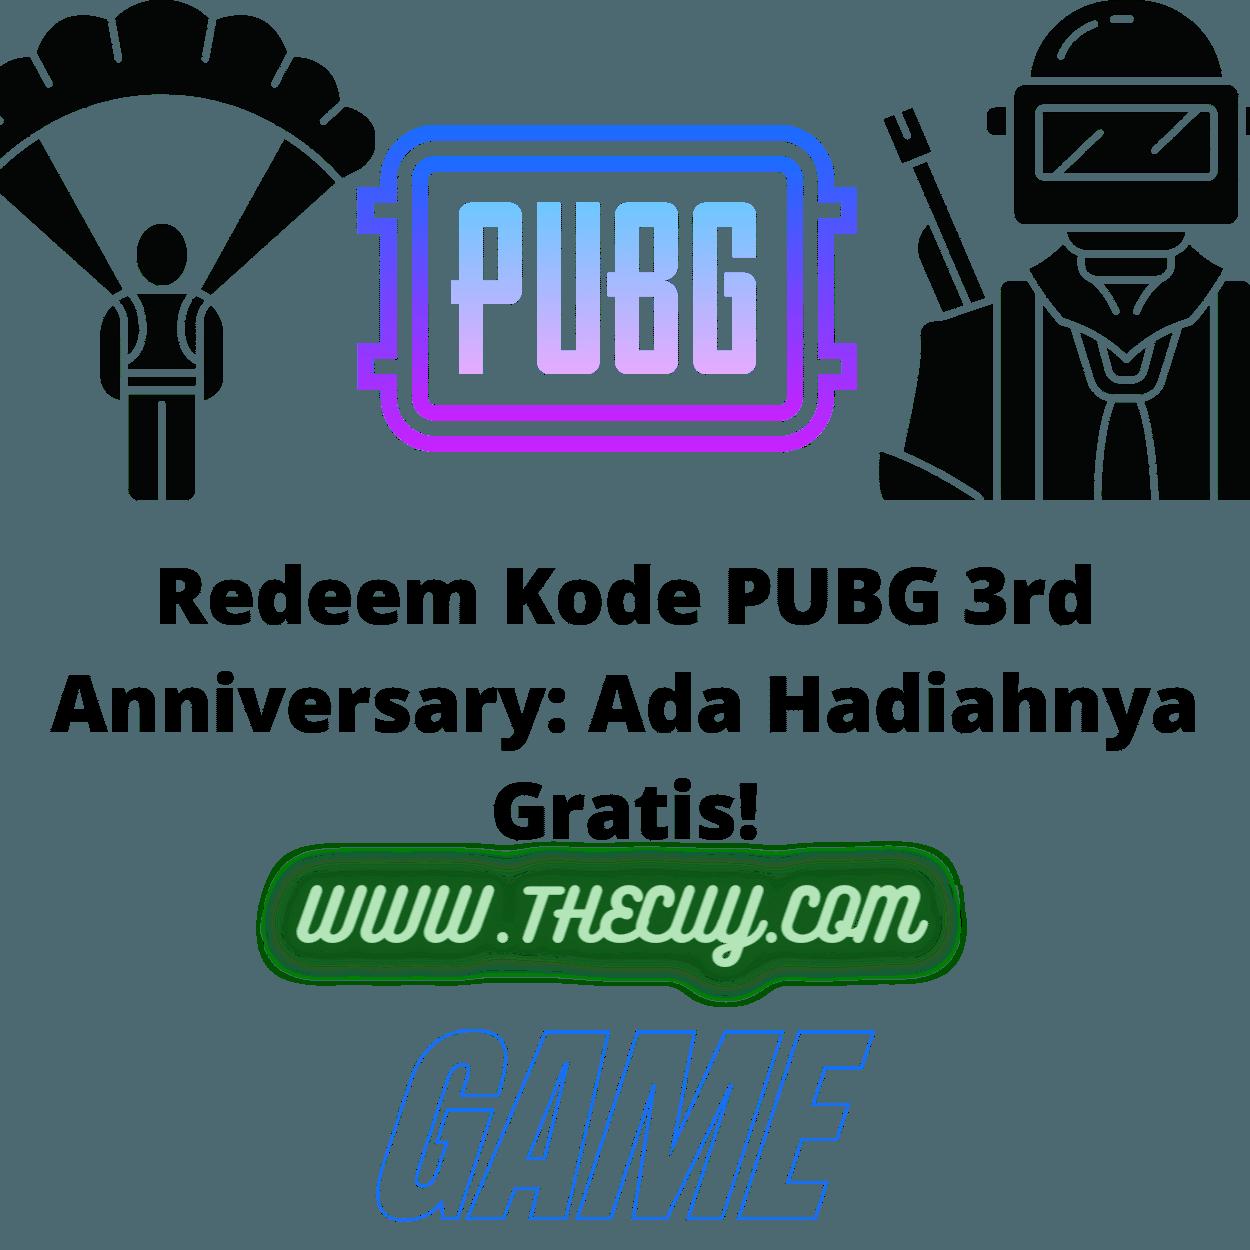 Redeem Kode PUBG 3rd Anniversary: Ada Hadiahnya Gratis!